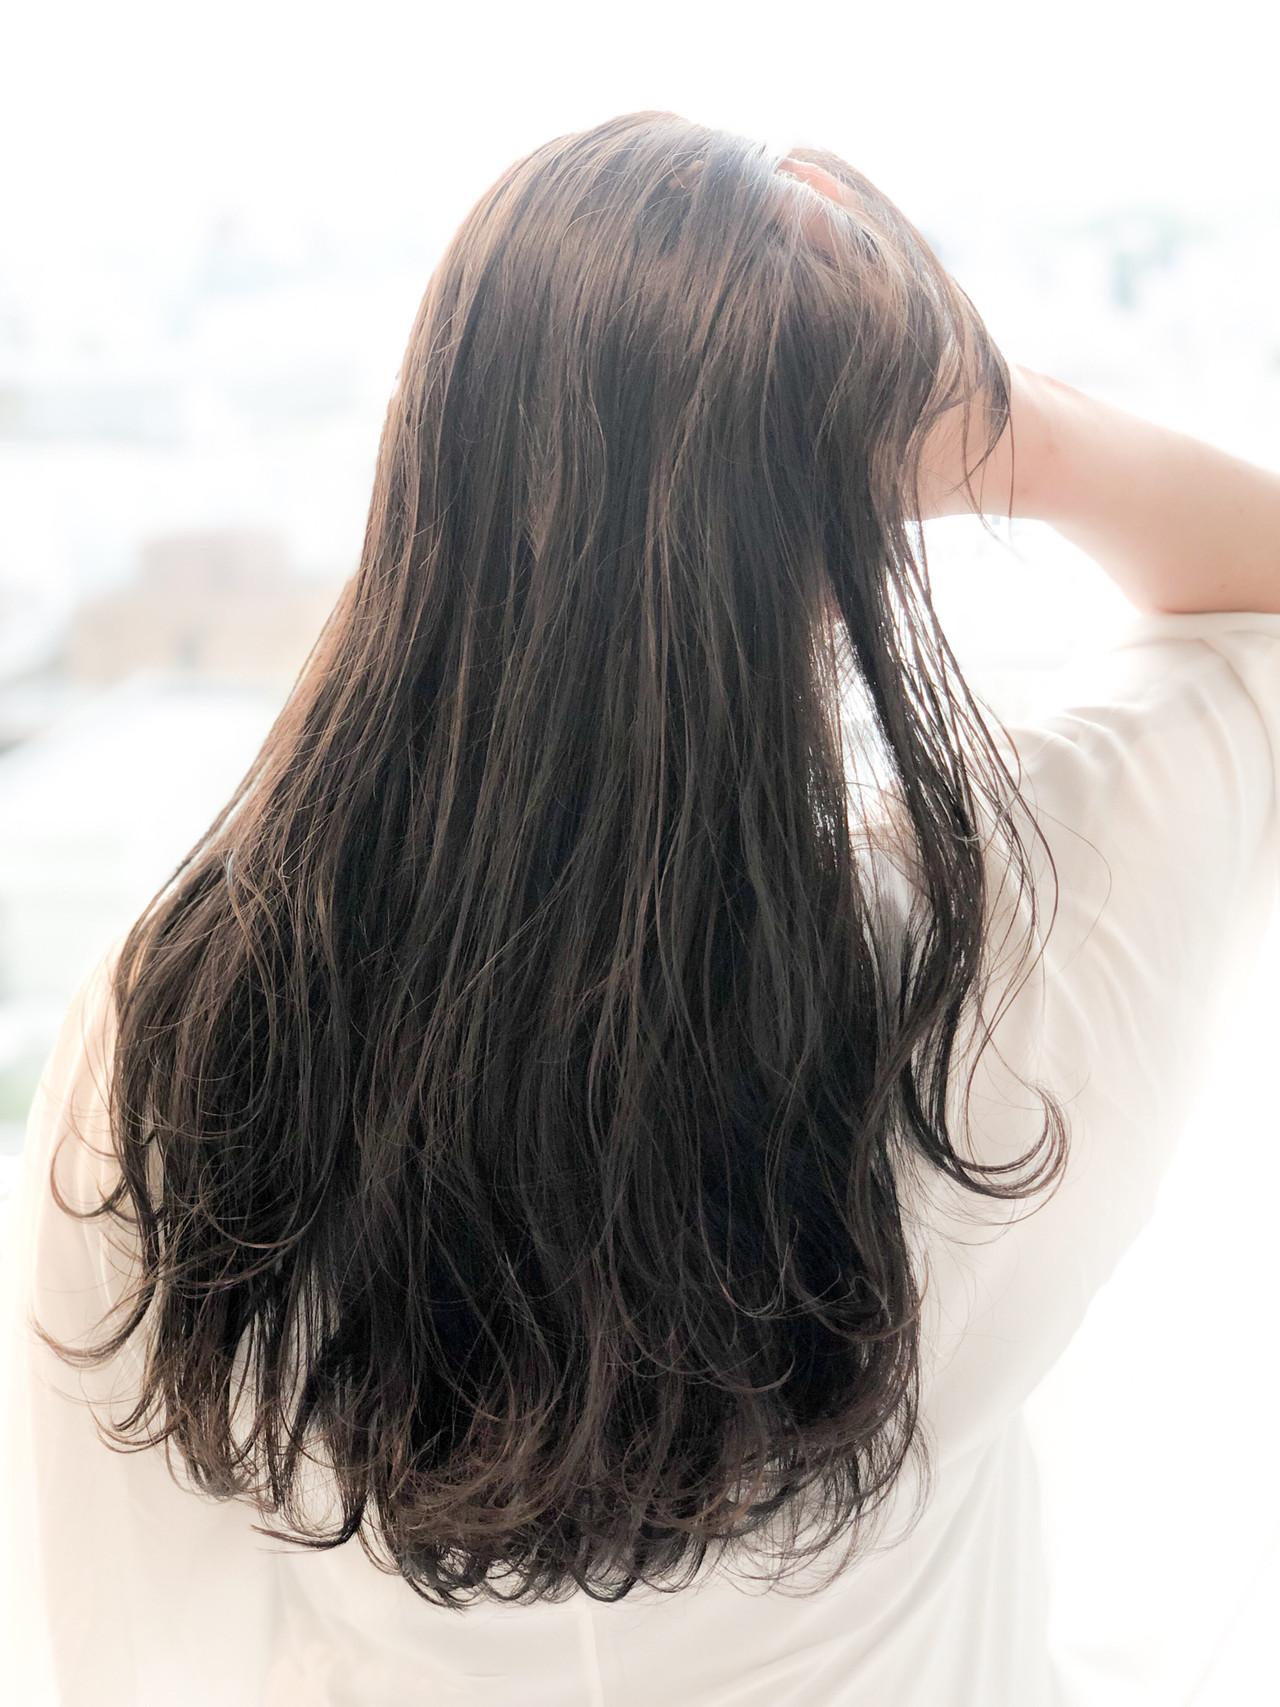 グレージュ ナチュラル 表参道 外国人風カラー ヘアスタイルや髪型の写真・画像 | 須貝 大空 / Anna Lanna 表参道